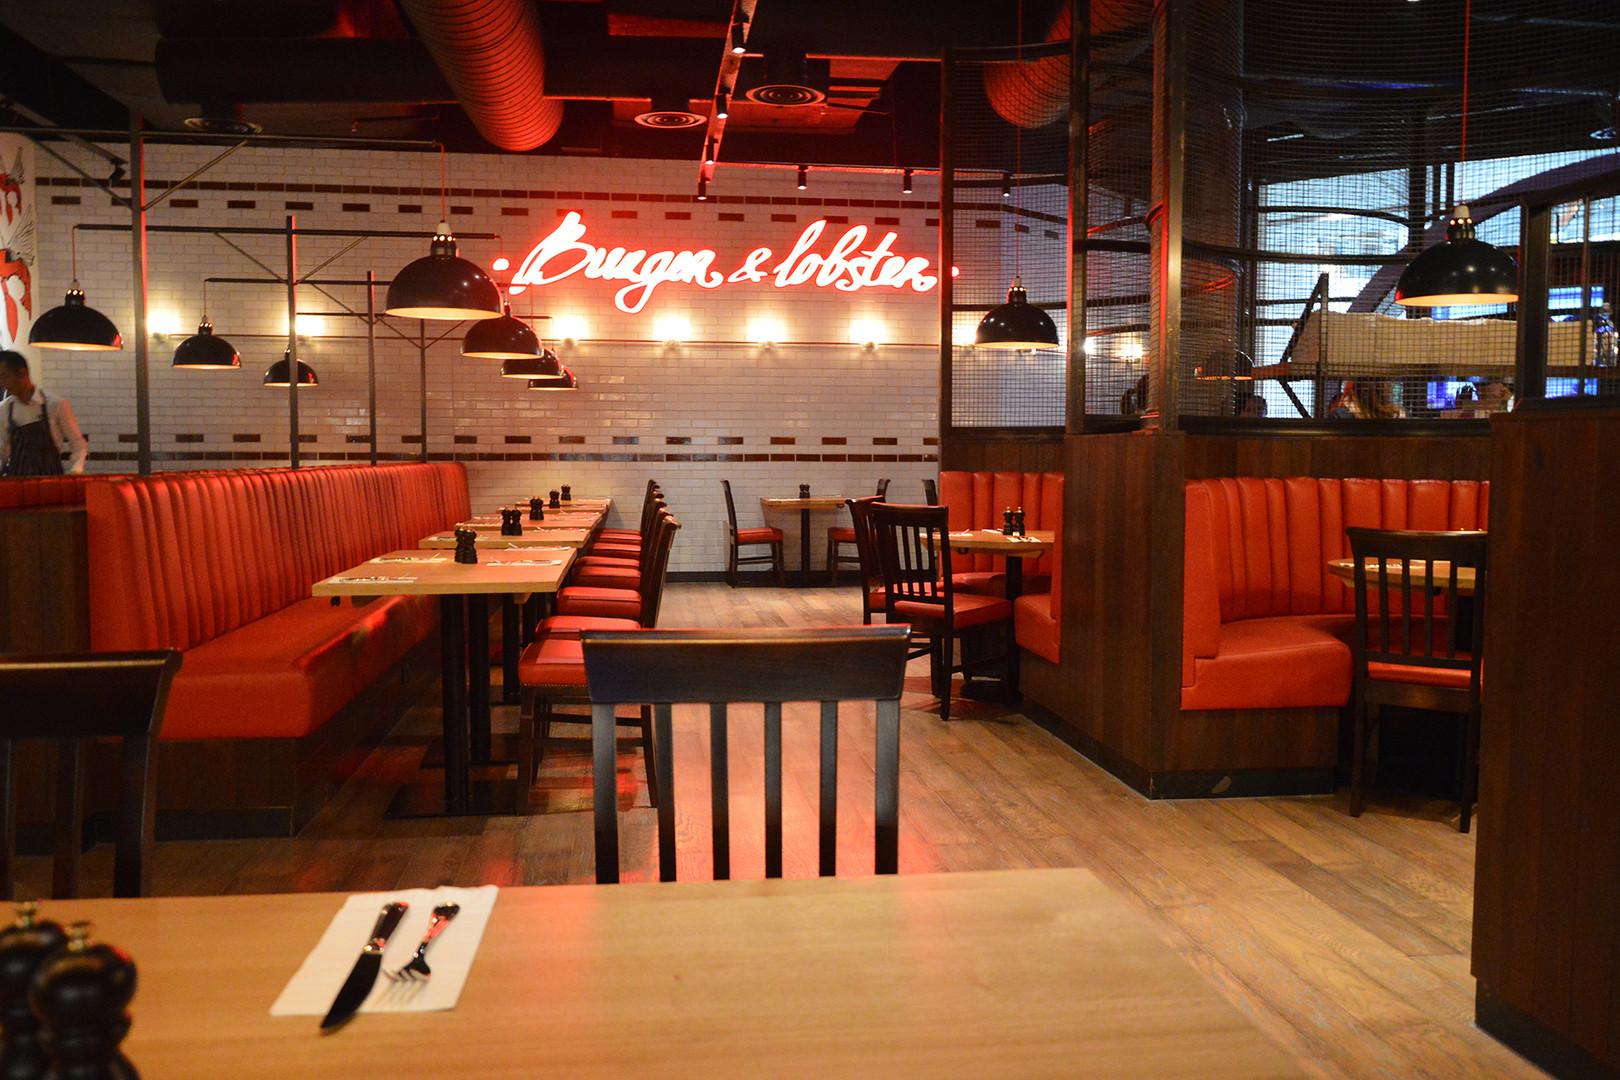 Genting Highlands Burger and Lobster